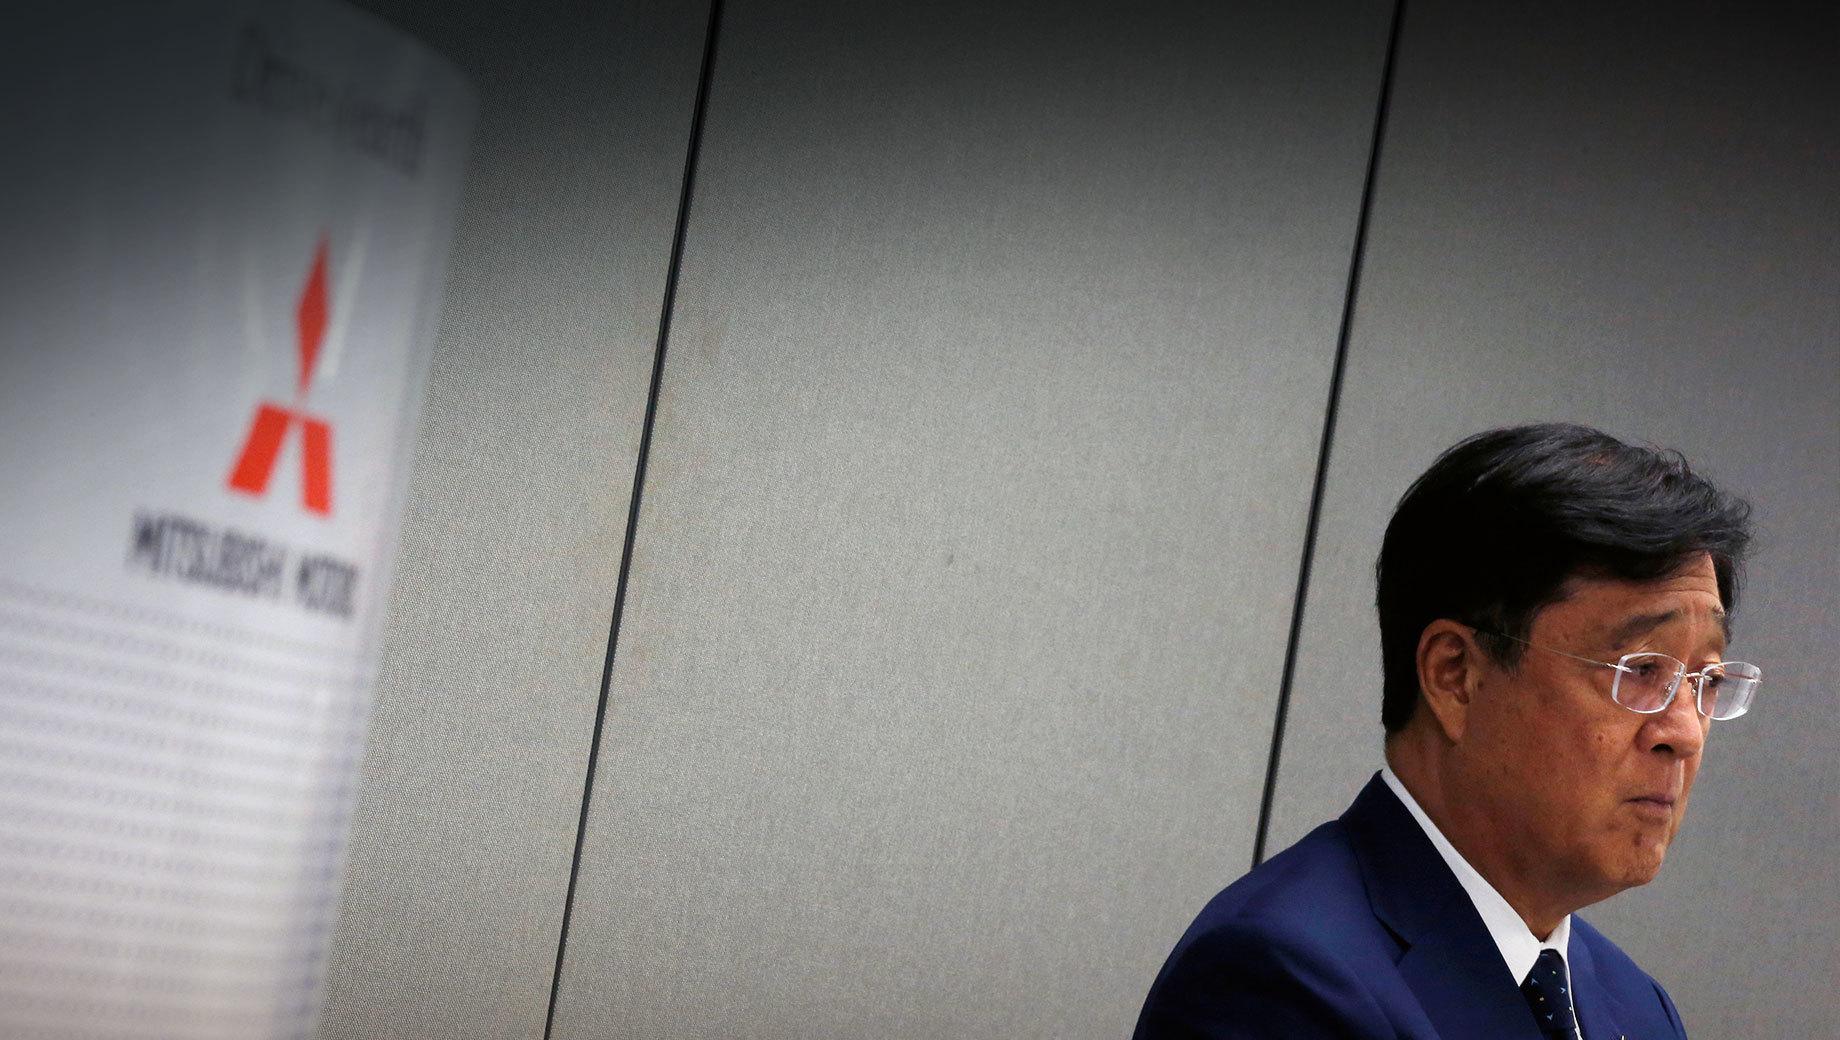 Босс Mitsubishi Осаму Масуко отошёл от дел из-за здоровья